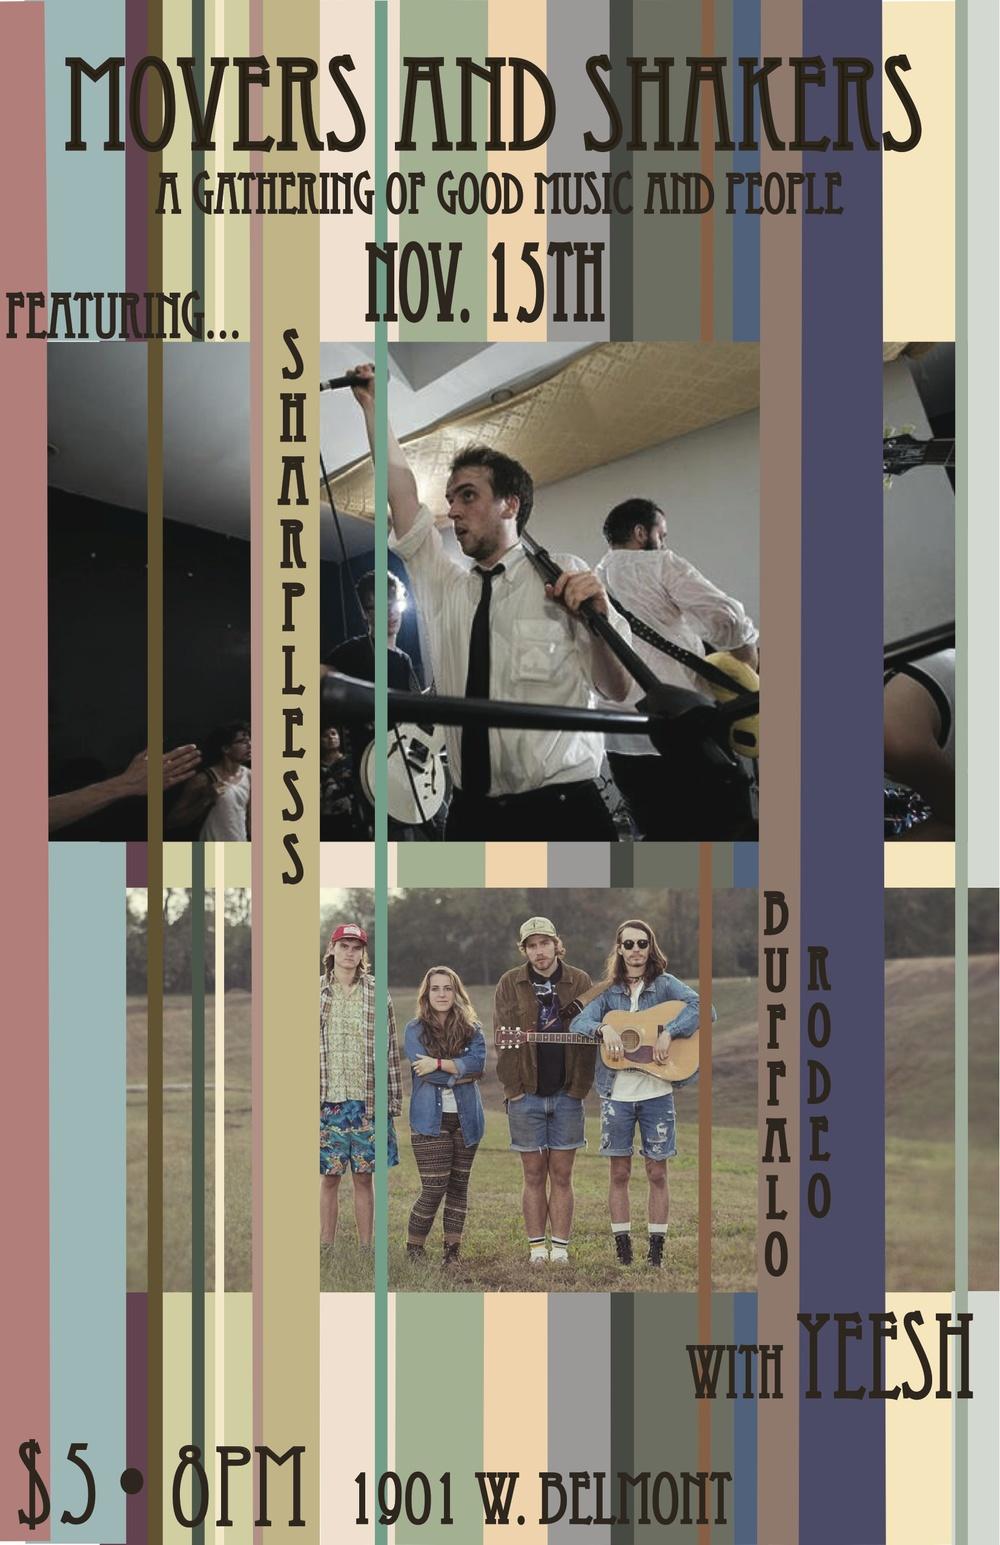 11.15.12 poster.jpg